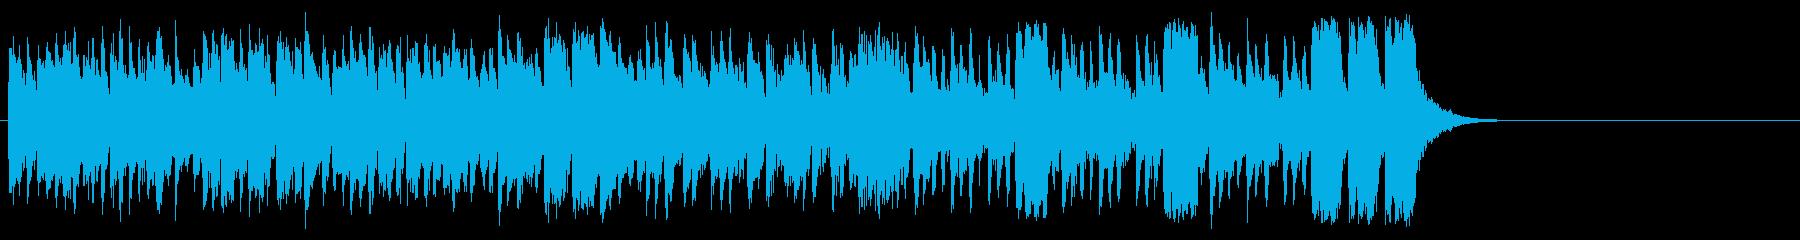 活気あふれるポップ(サビ~イントロ)の再生済みの波形